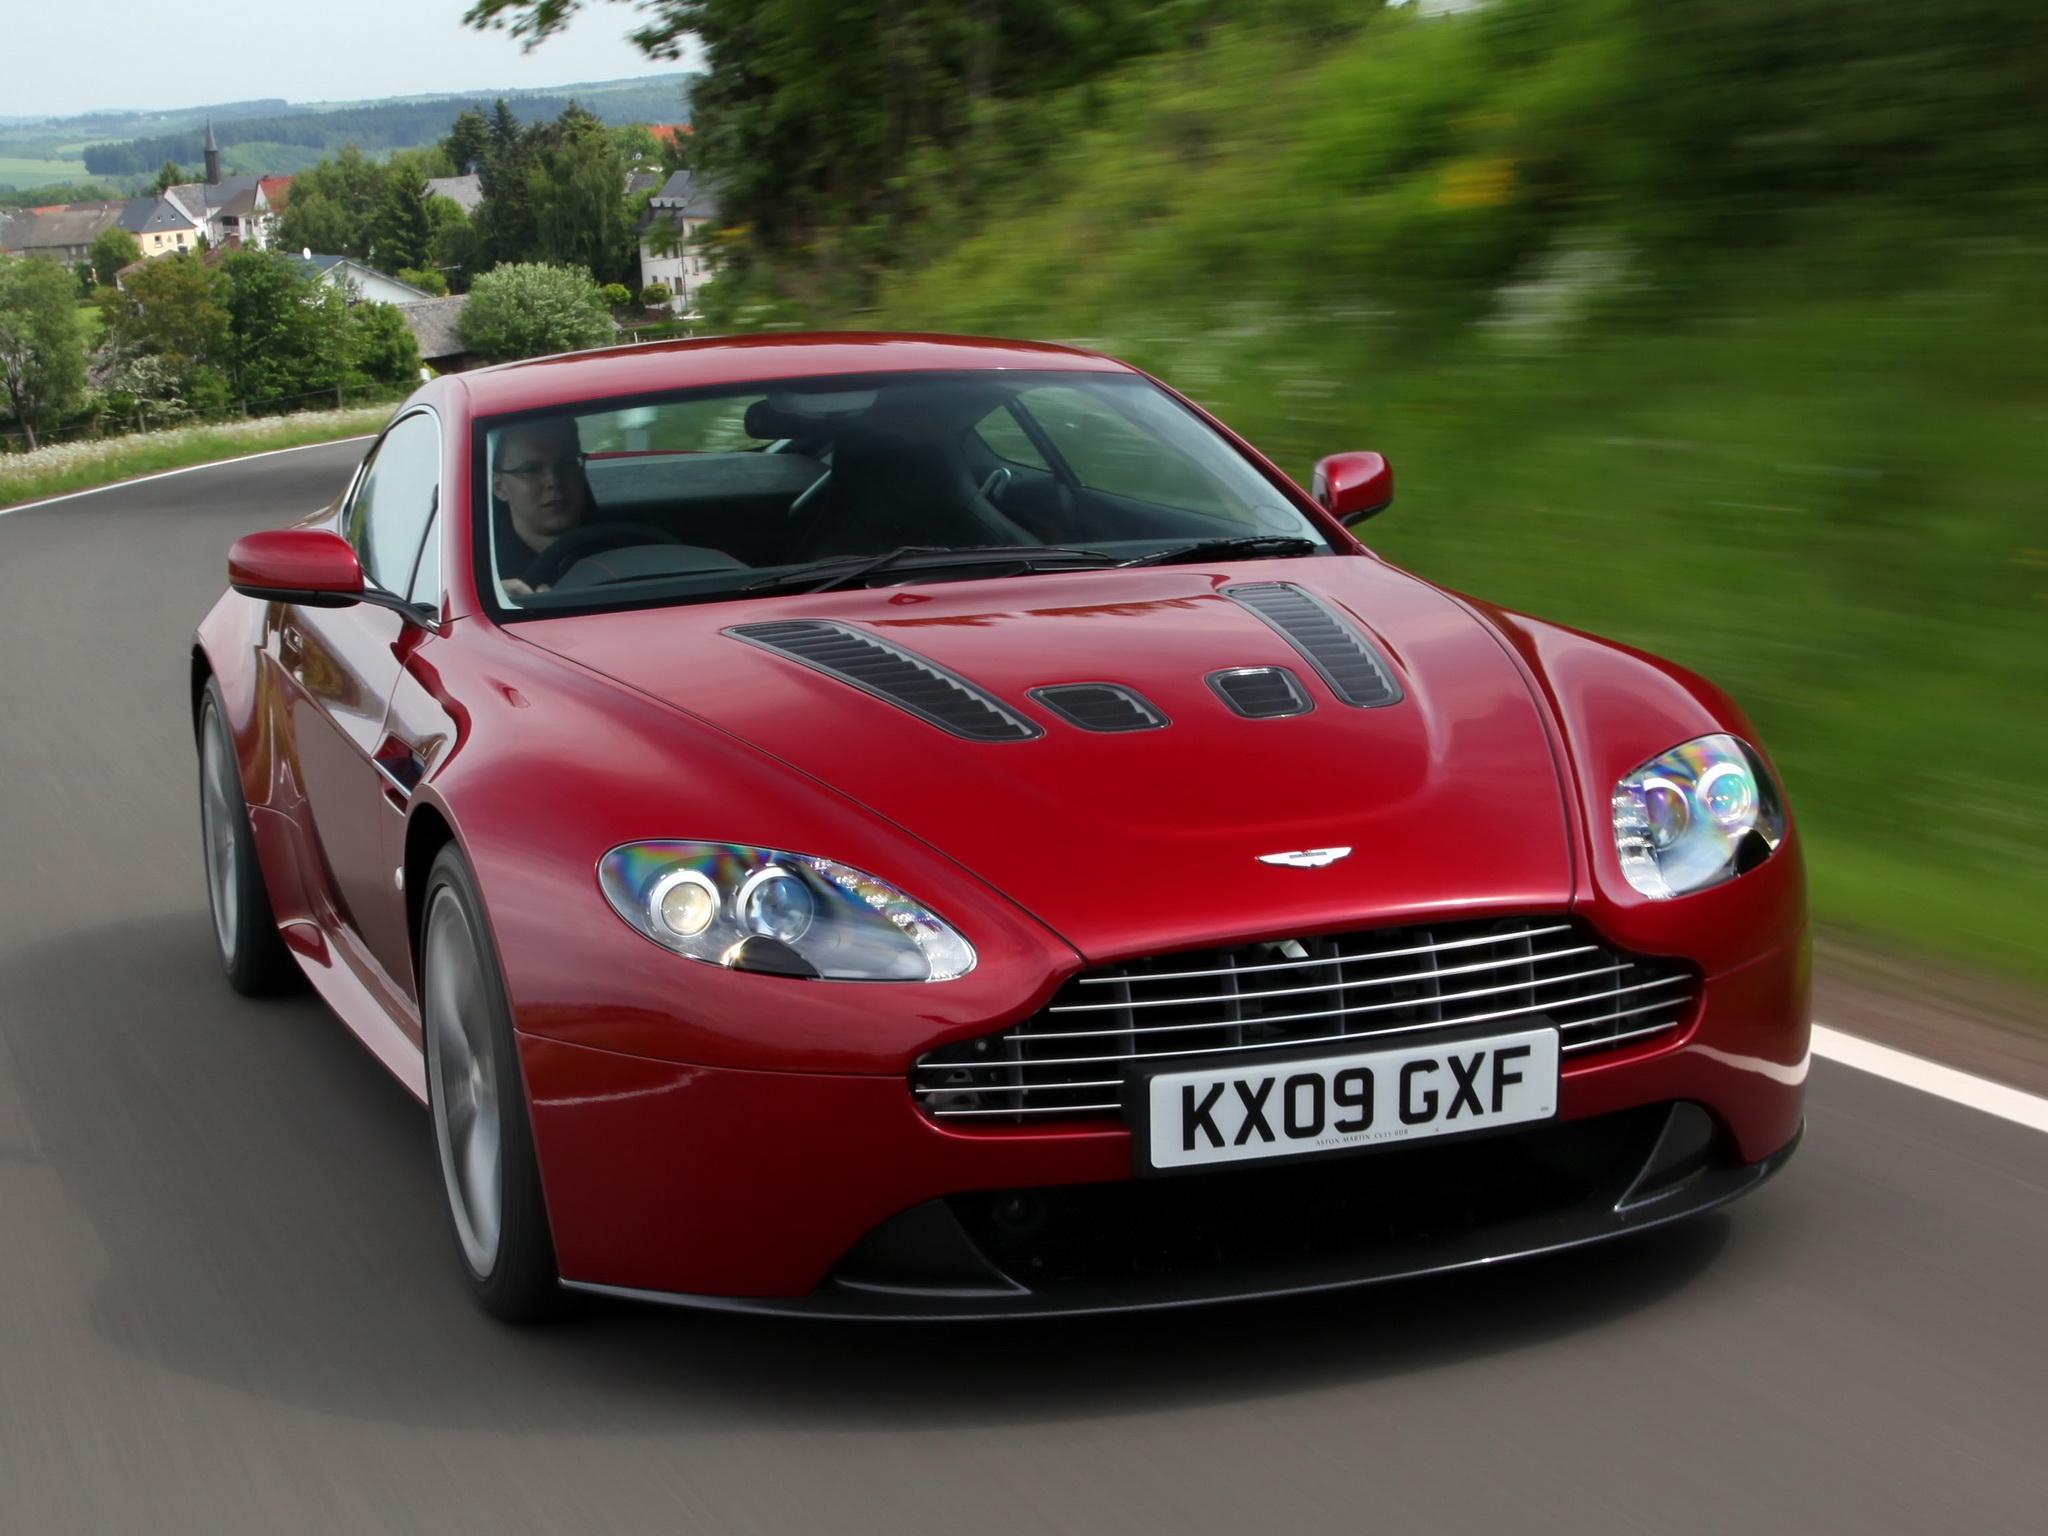 151919 скачать обои Машины, Природа, Астон Мартин (Aston Martin), Тачки (Cars), Красный, Вид Спереди, Скорость, Стиль, 2012, V12, Zagato - заставки и картинки бесплатно